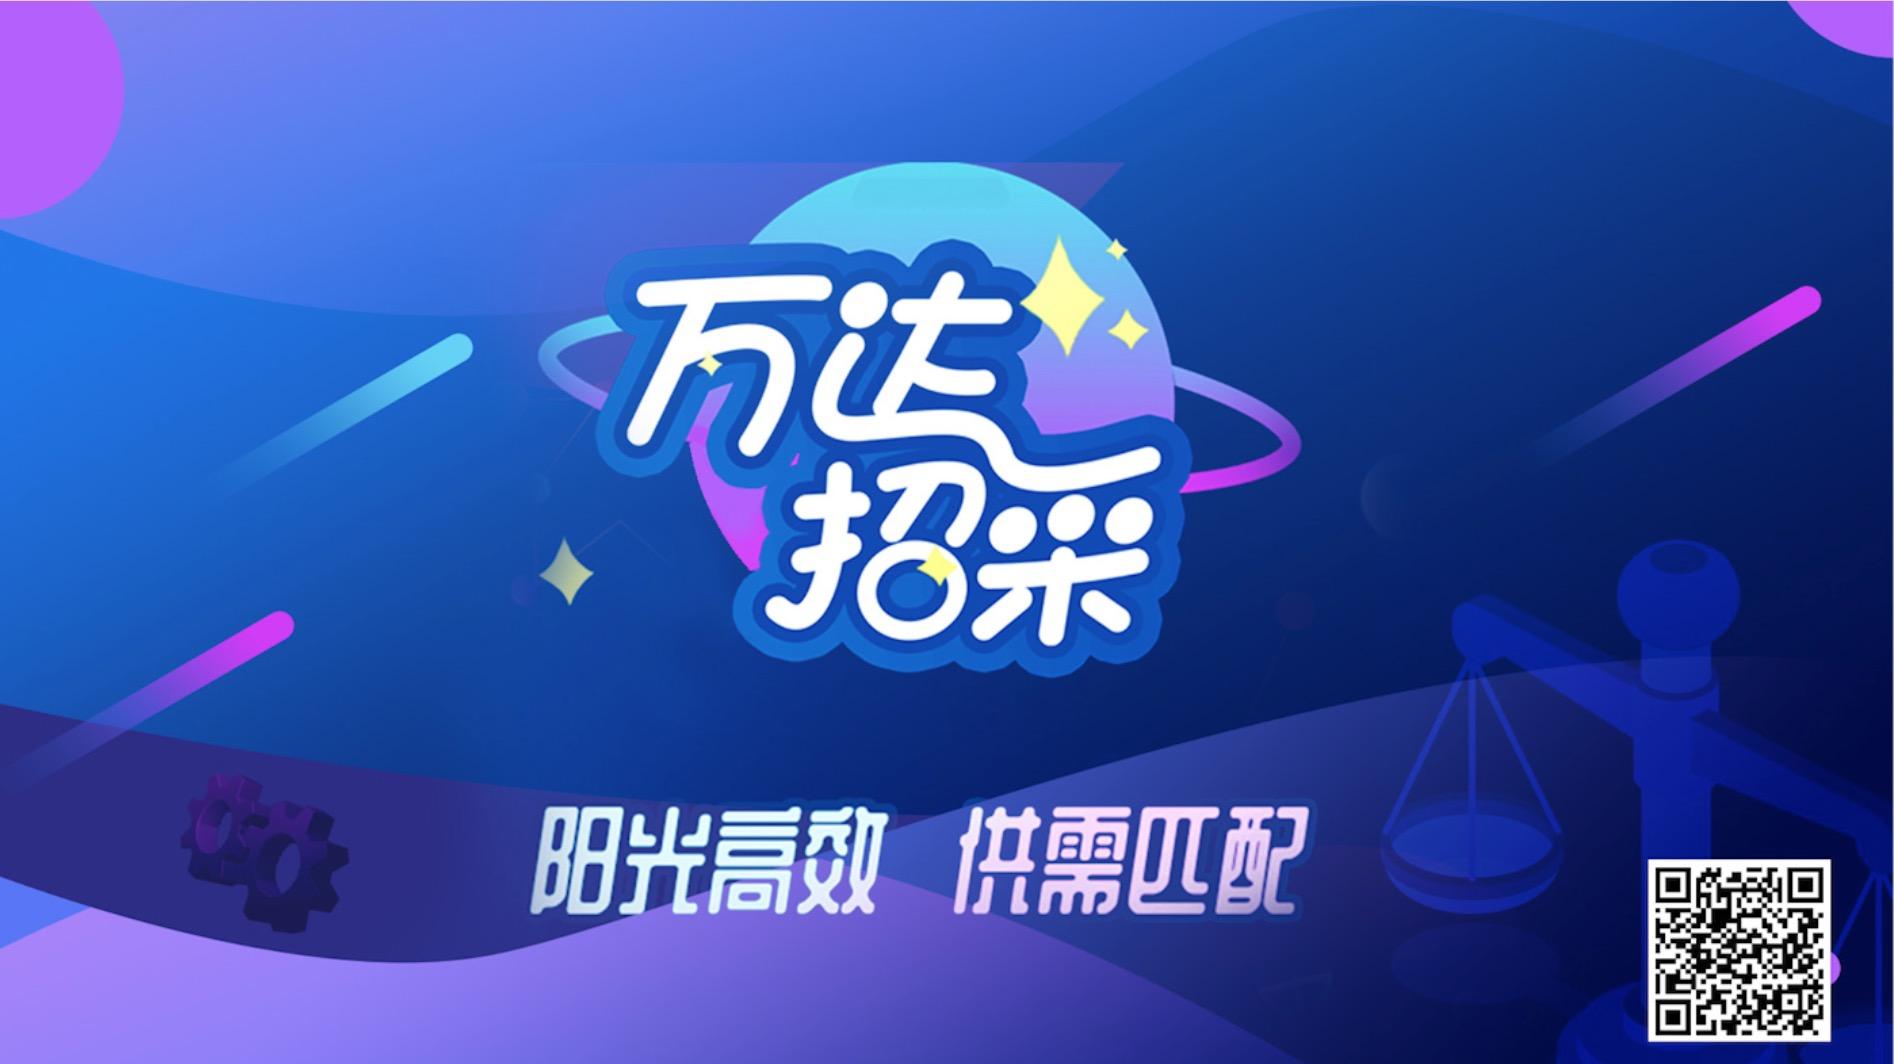 万达发布2019年度集团招采品牌库